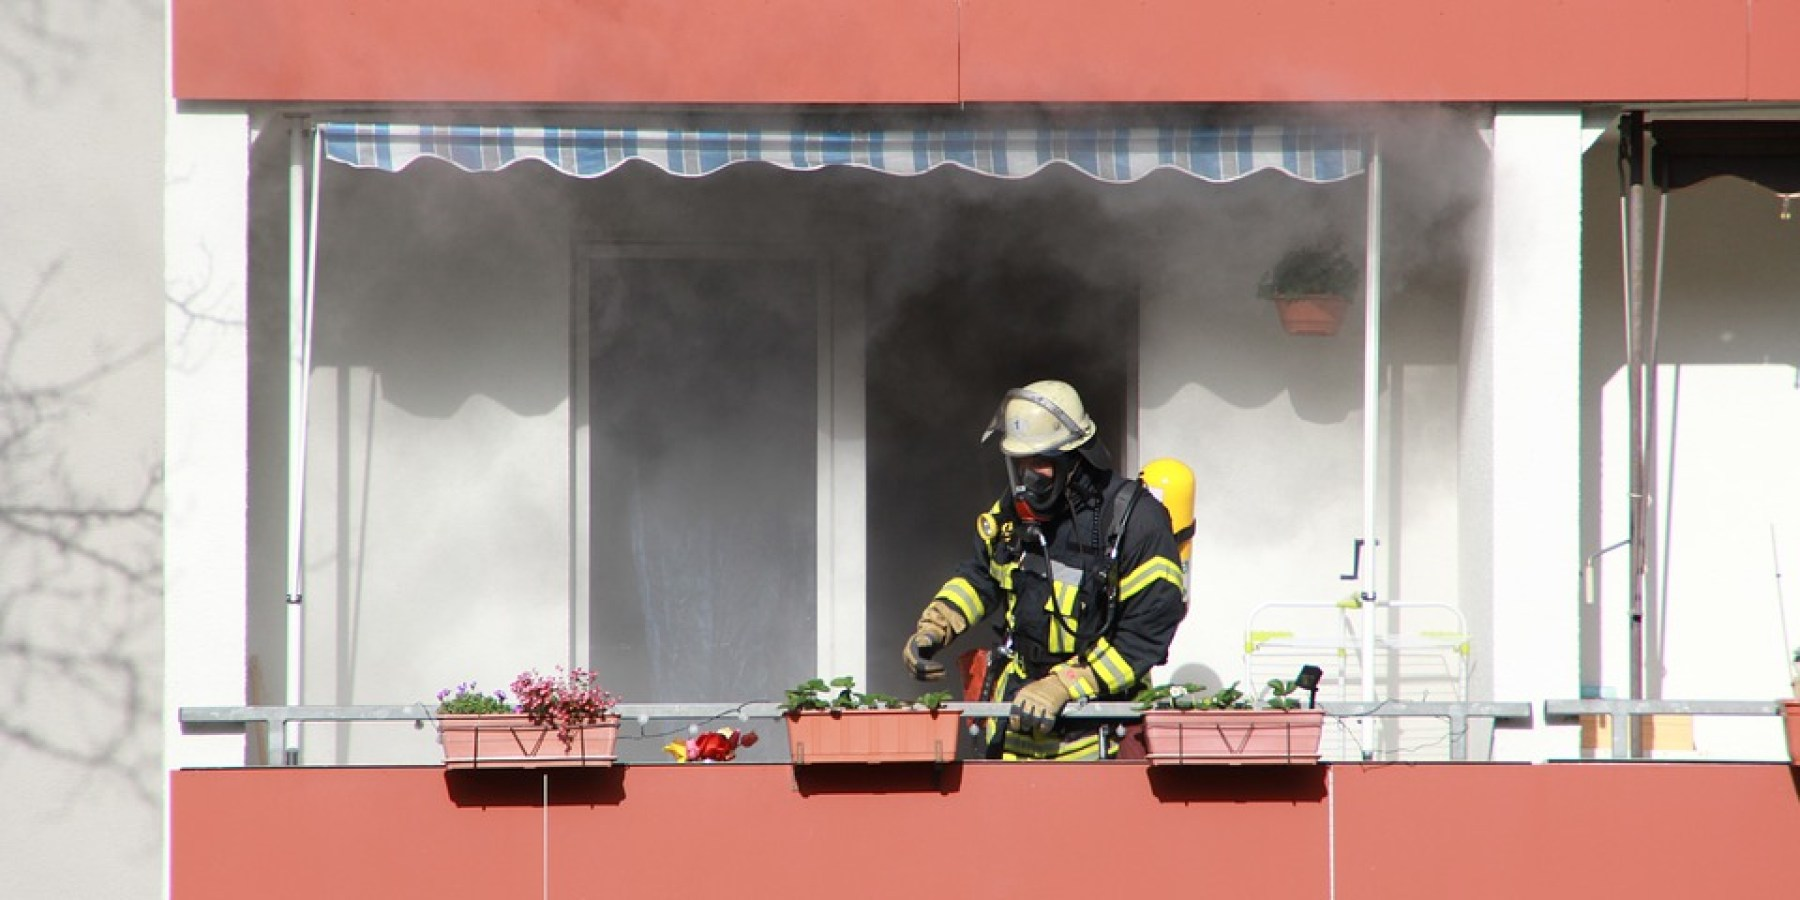 Wohnungsbrand am Lammerbach – 30-jähriger Mieter festgenommen